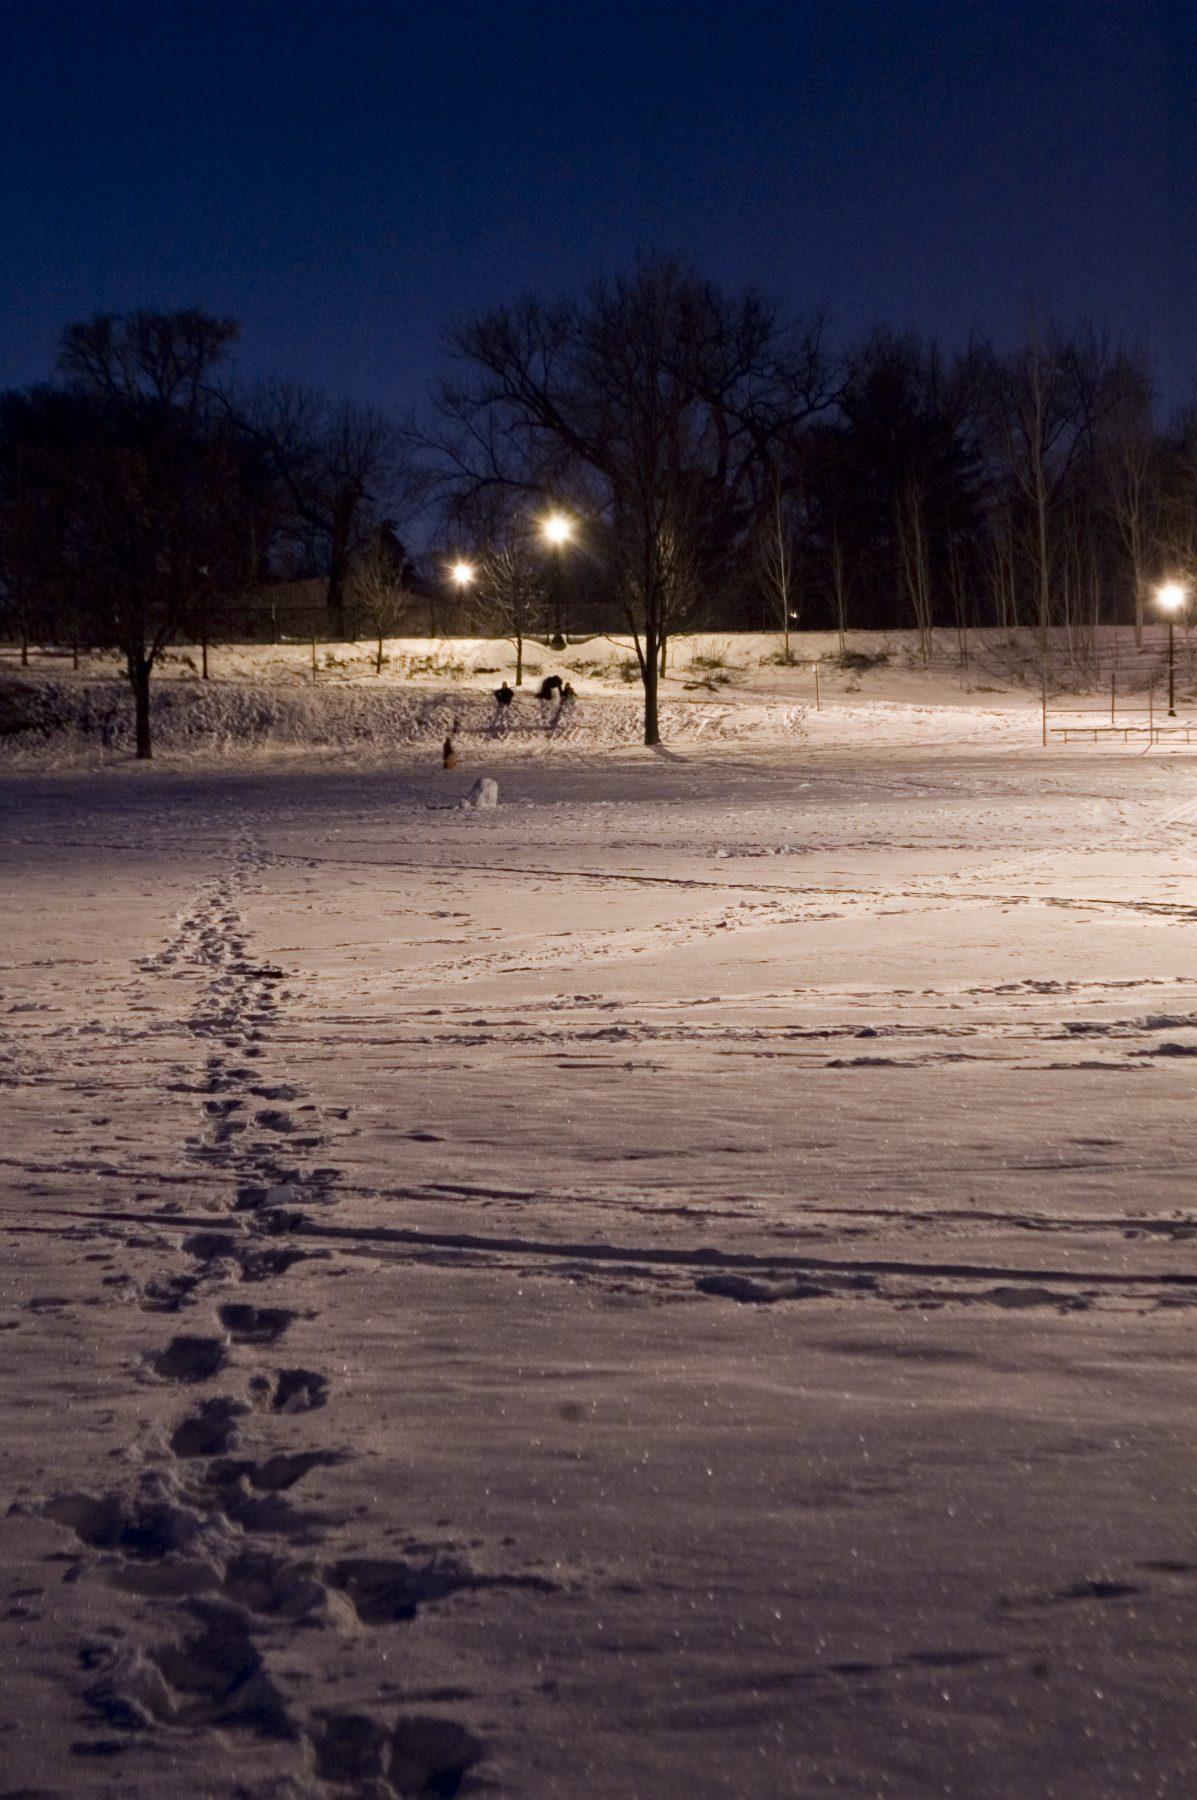 day-15-night-sledding-at-brackett-park